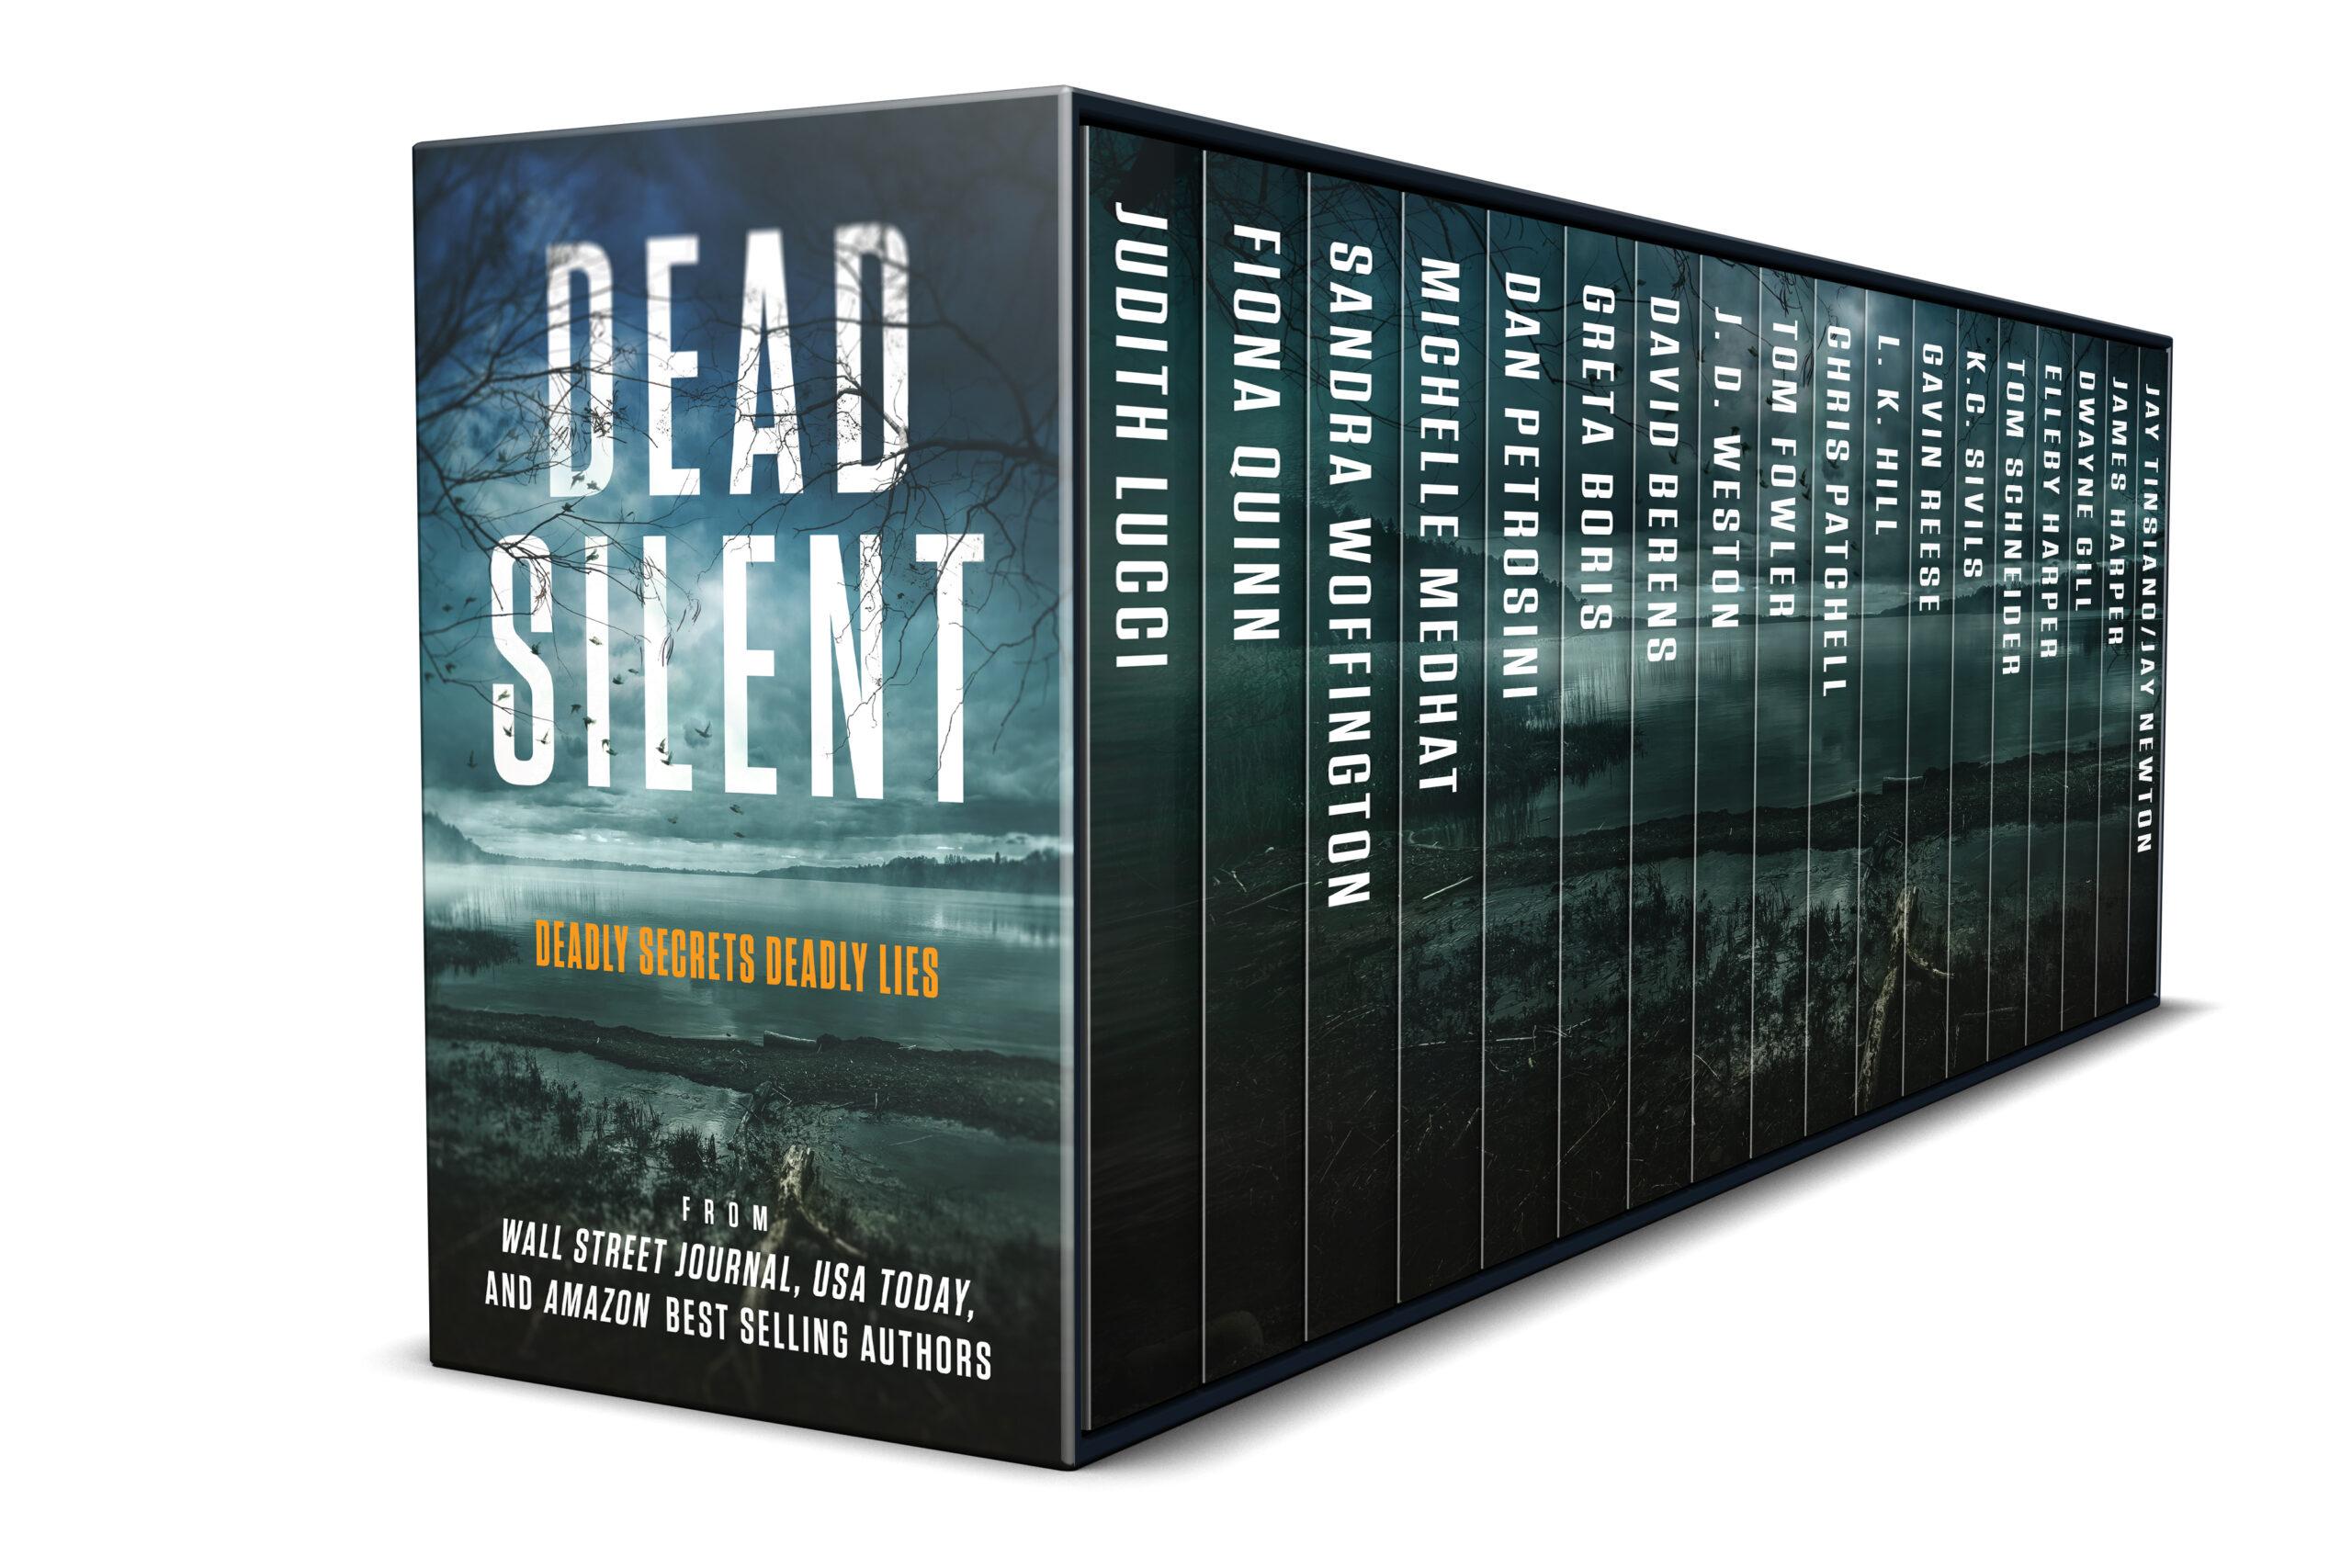 Dead Silent Boxset